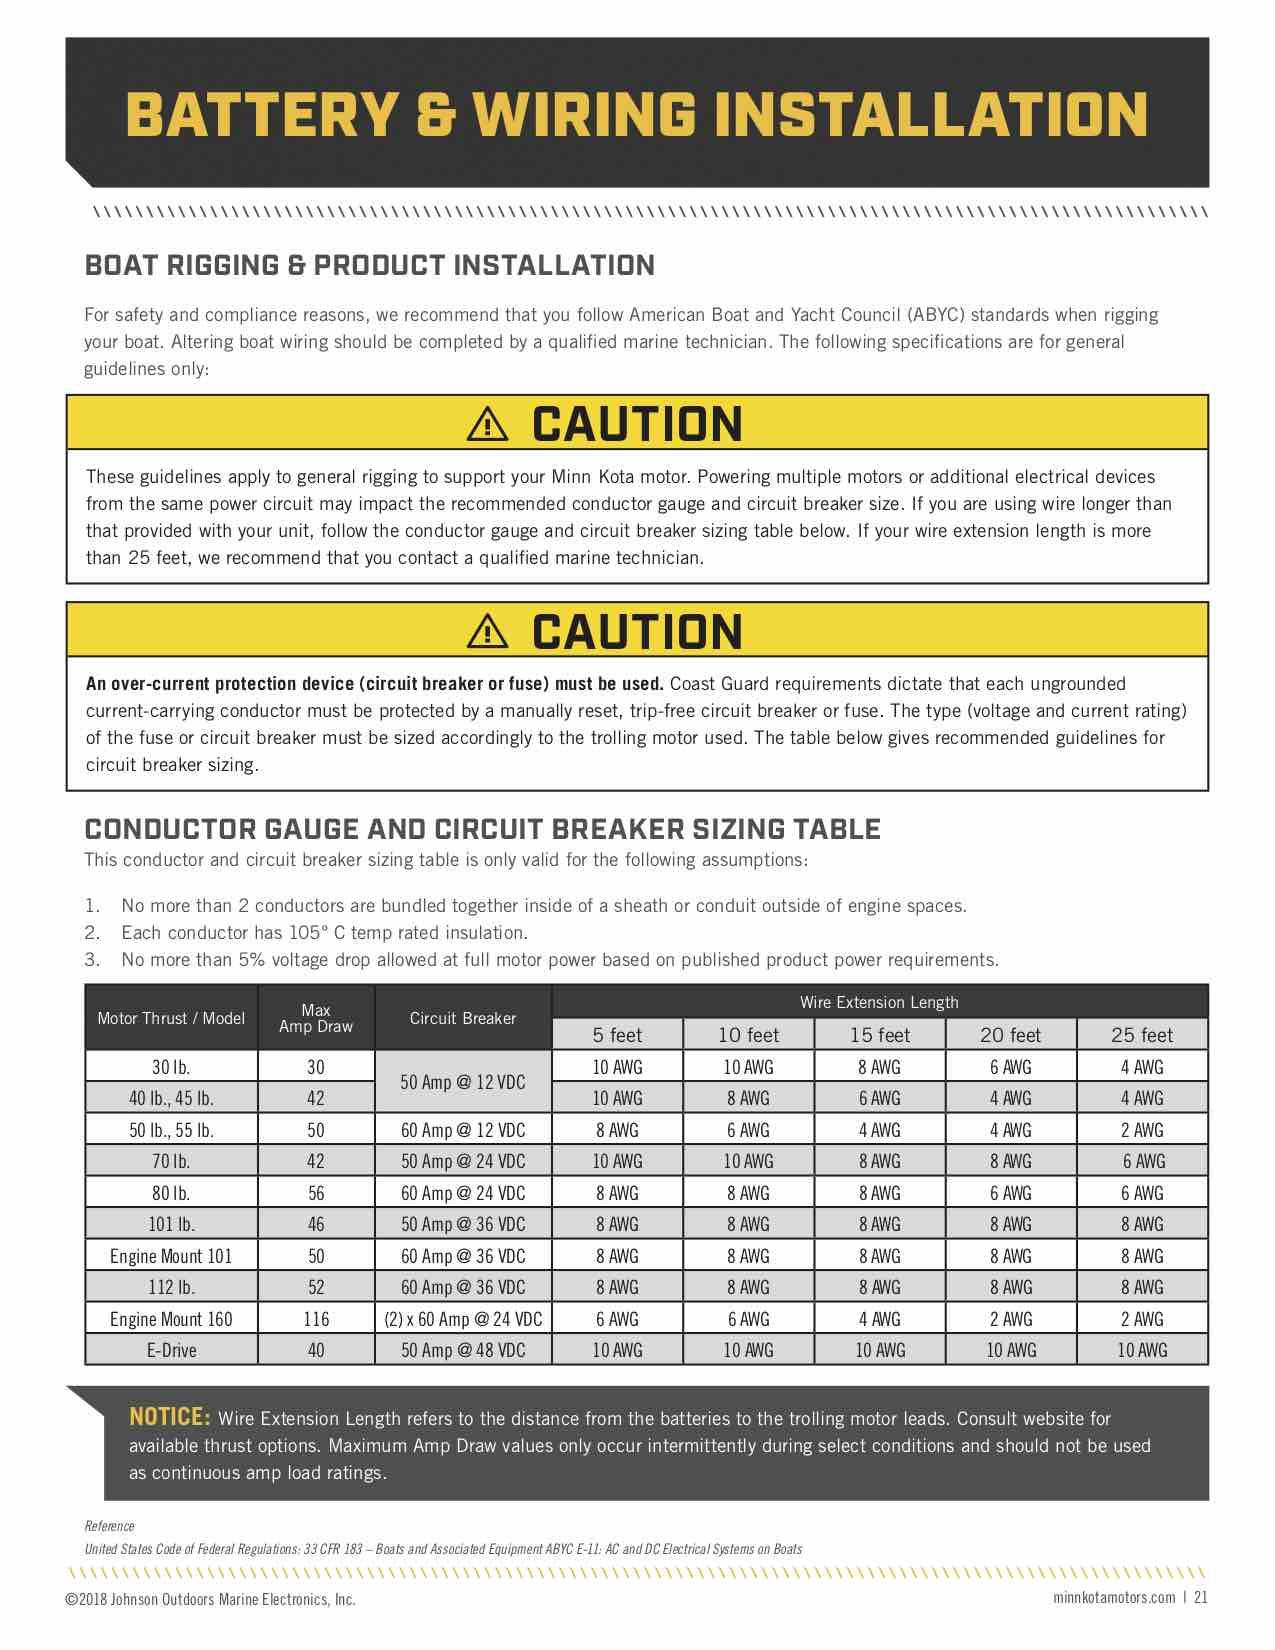 download detailed circuit breaker document [ 1275 x 1650 Pixel ]